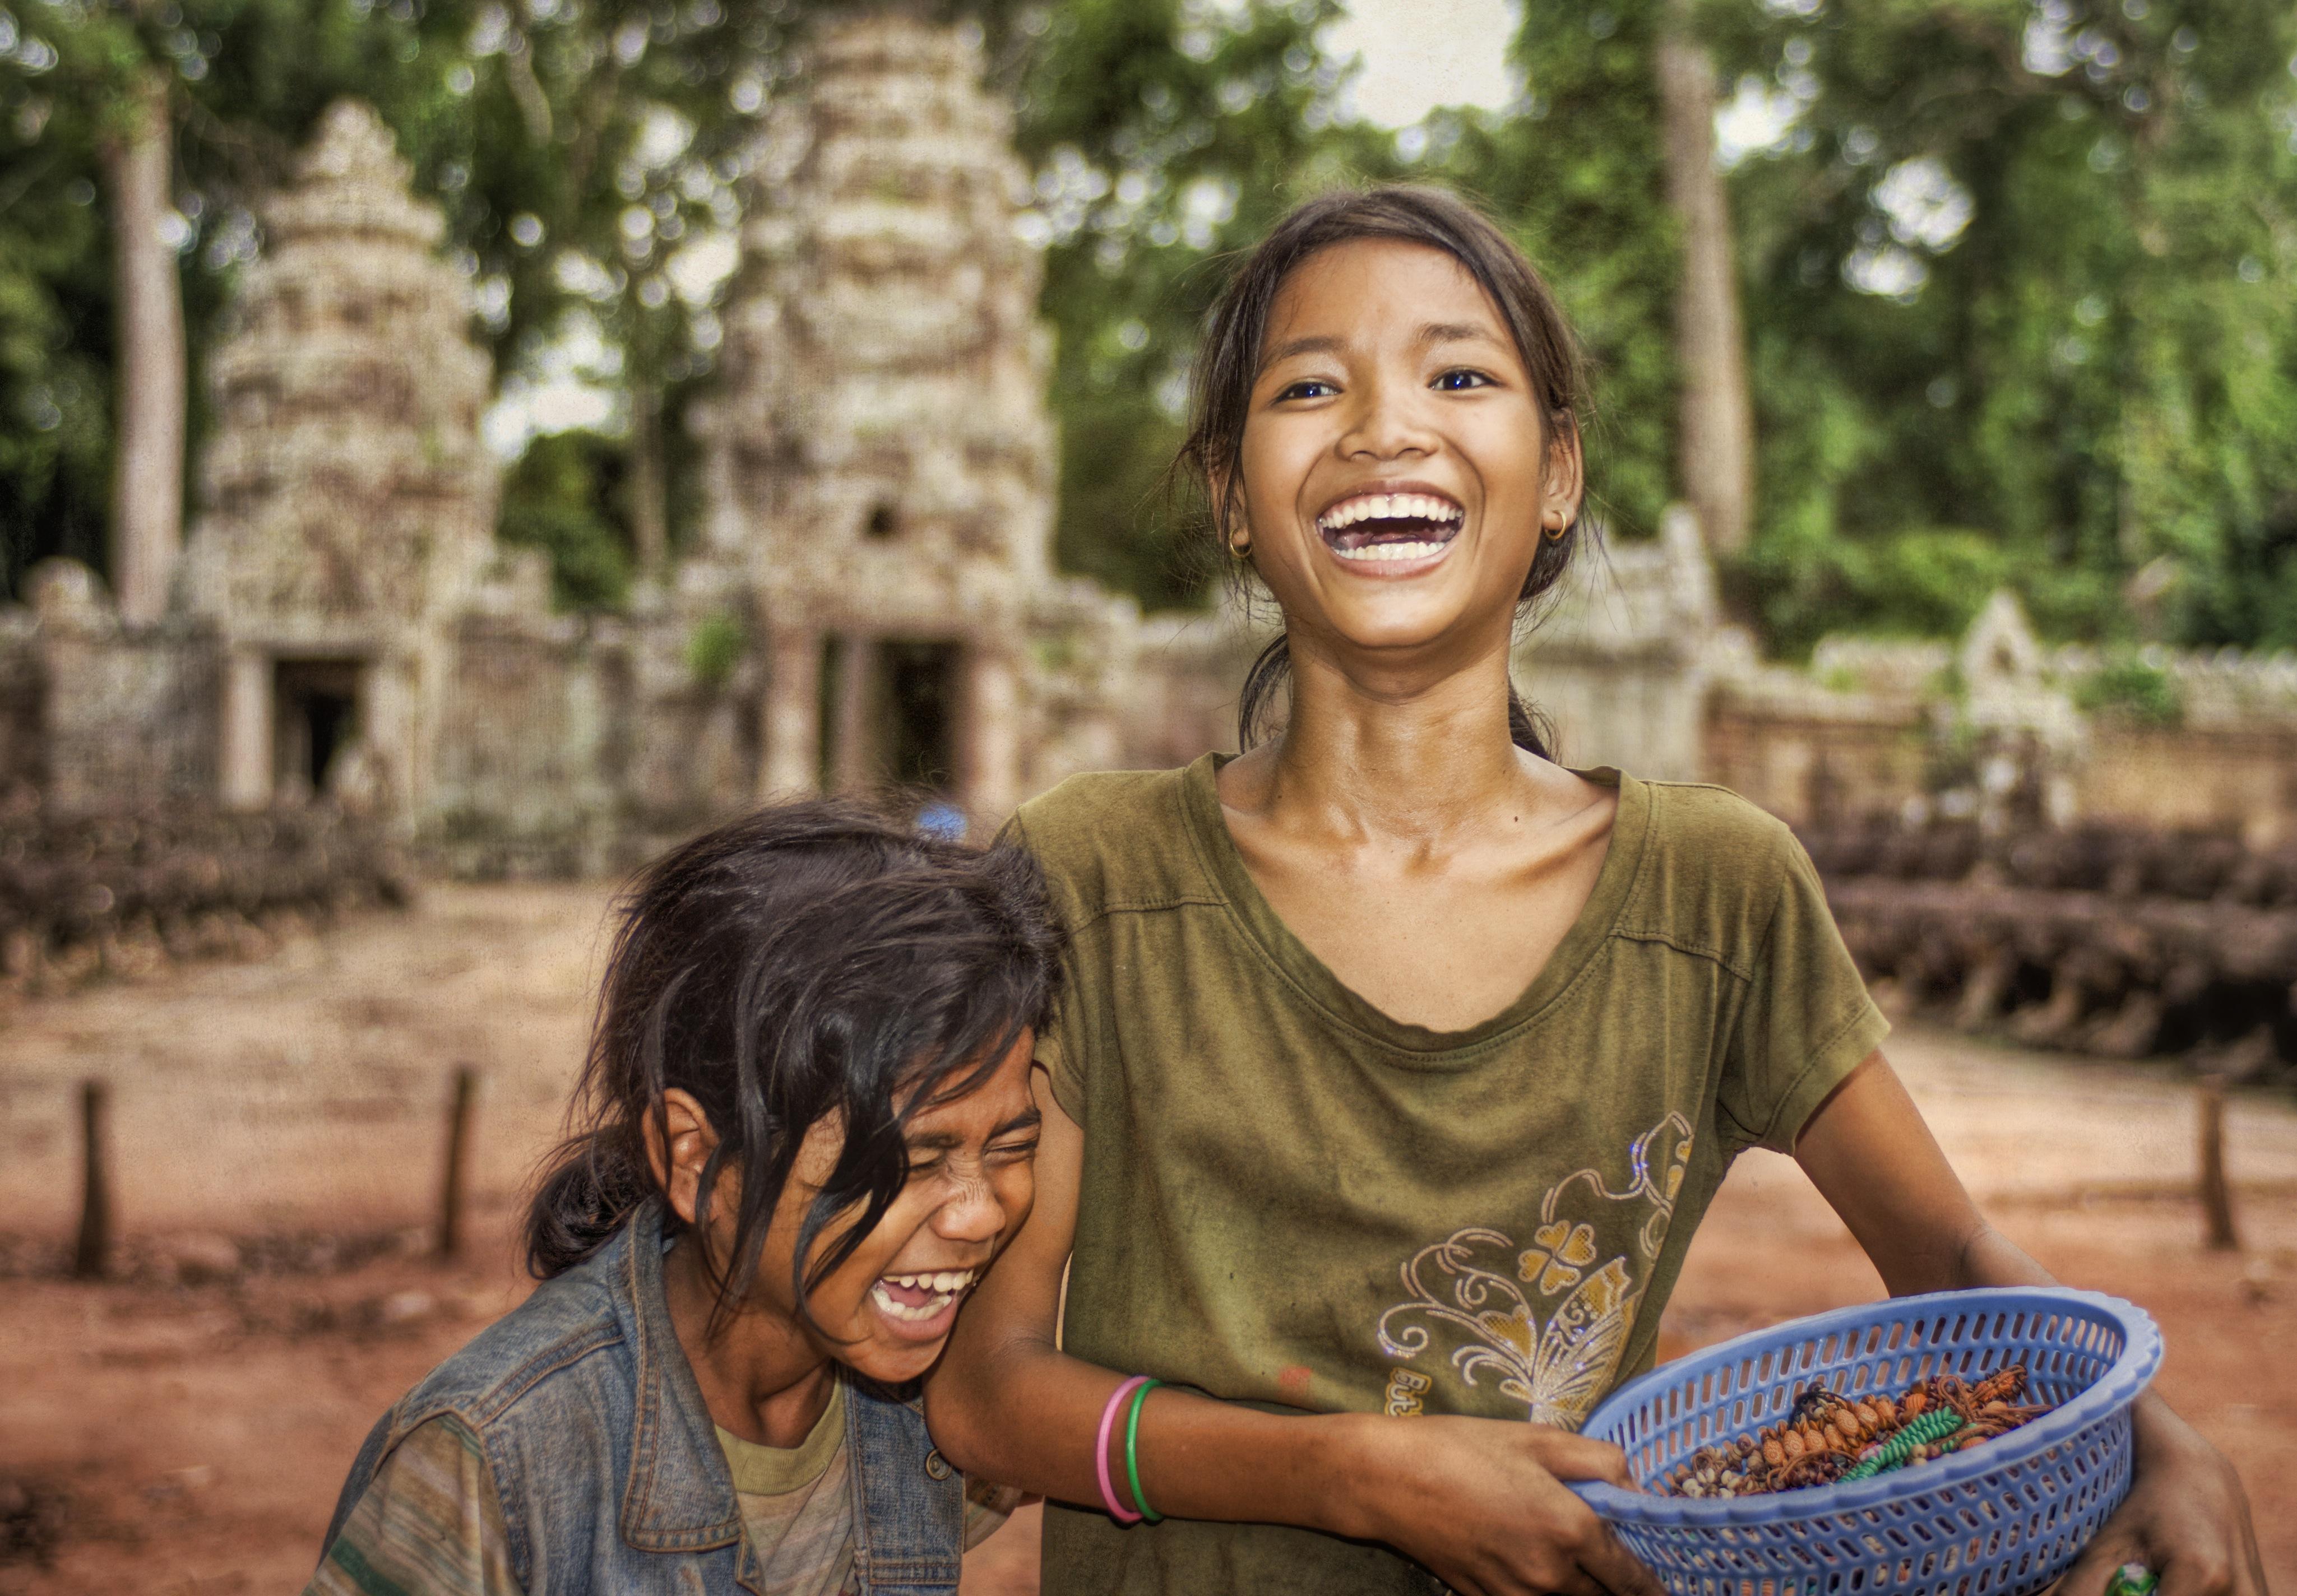 широкую кровать, фото жителей камбоджи скулы, большие глаза